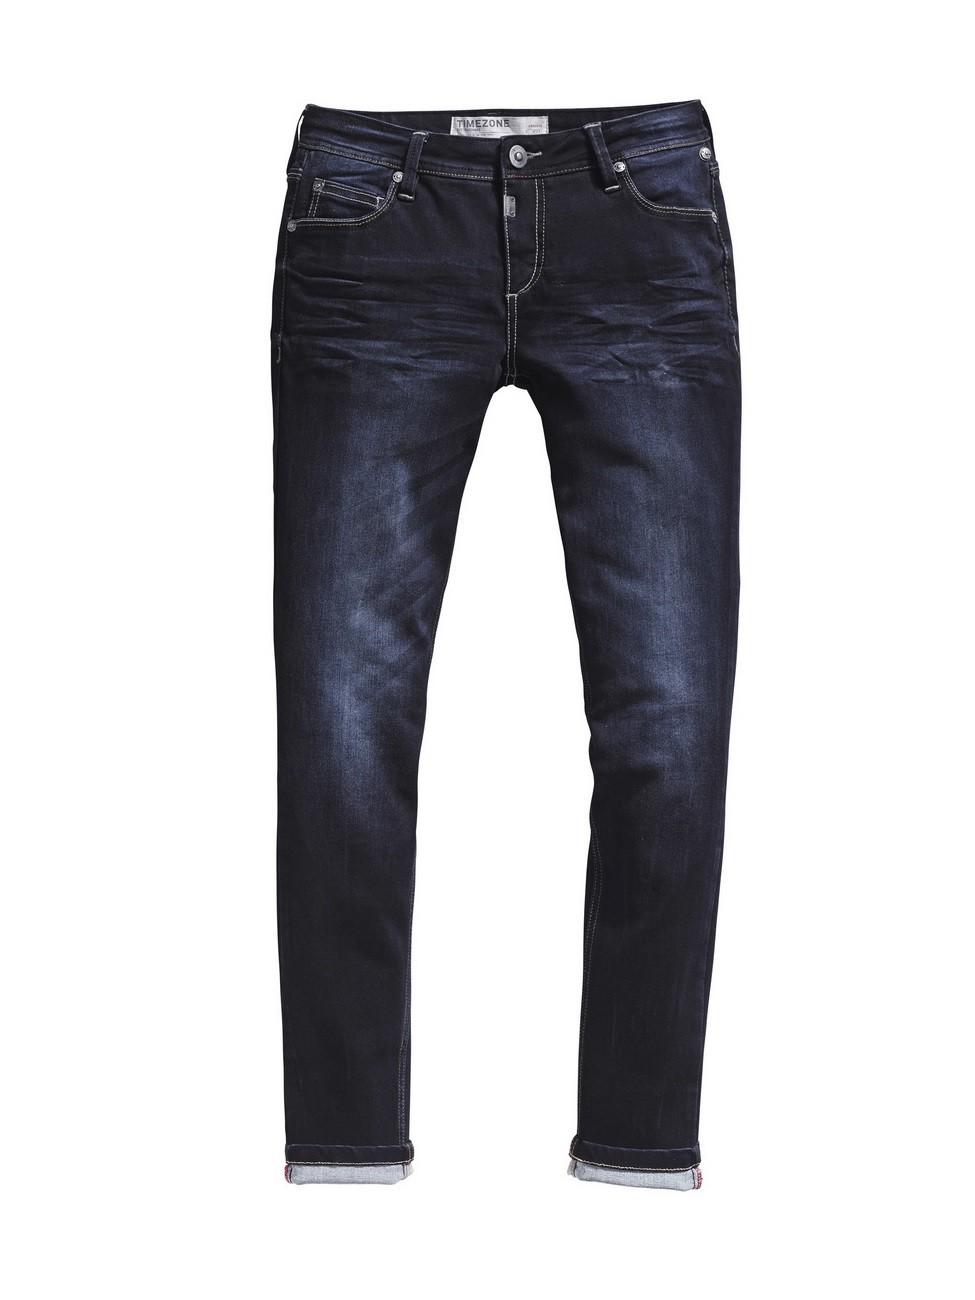 timezone damen jeans aleenatz tight fit noble blue wash kaufen jeans direct de. Black Bedroom Furniture Sets. Home Design Ideas